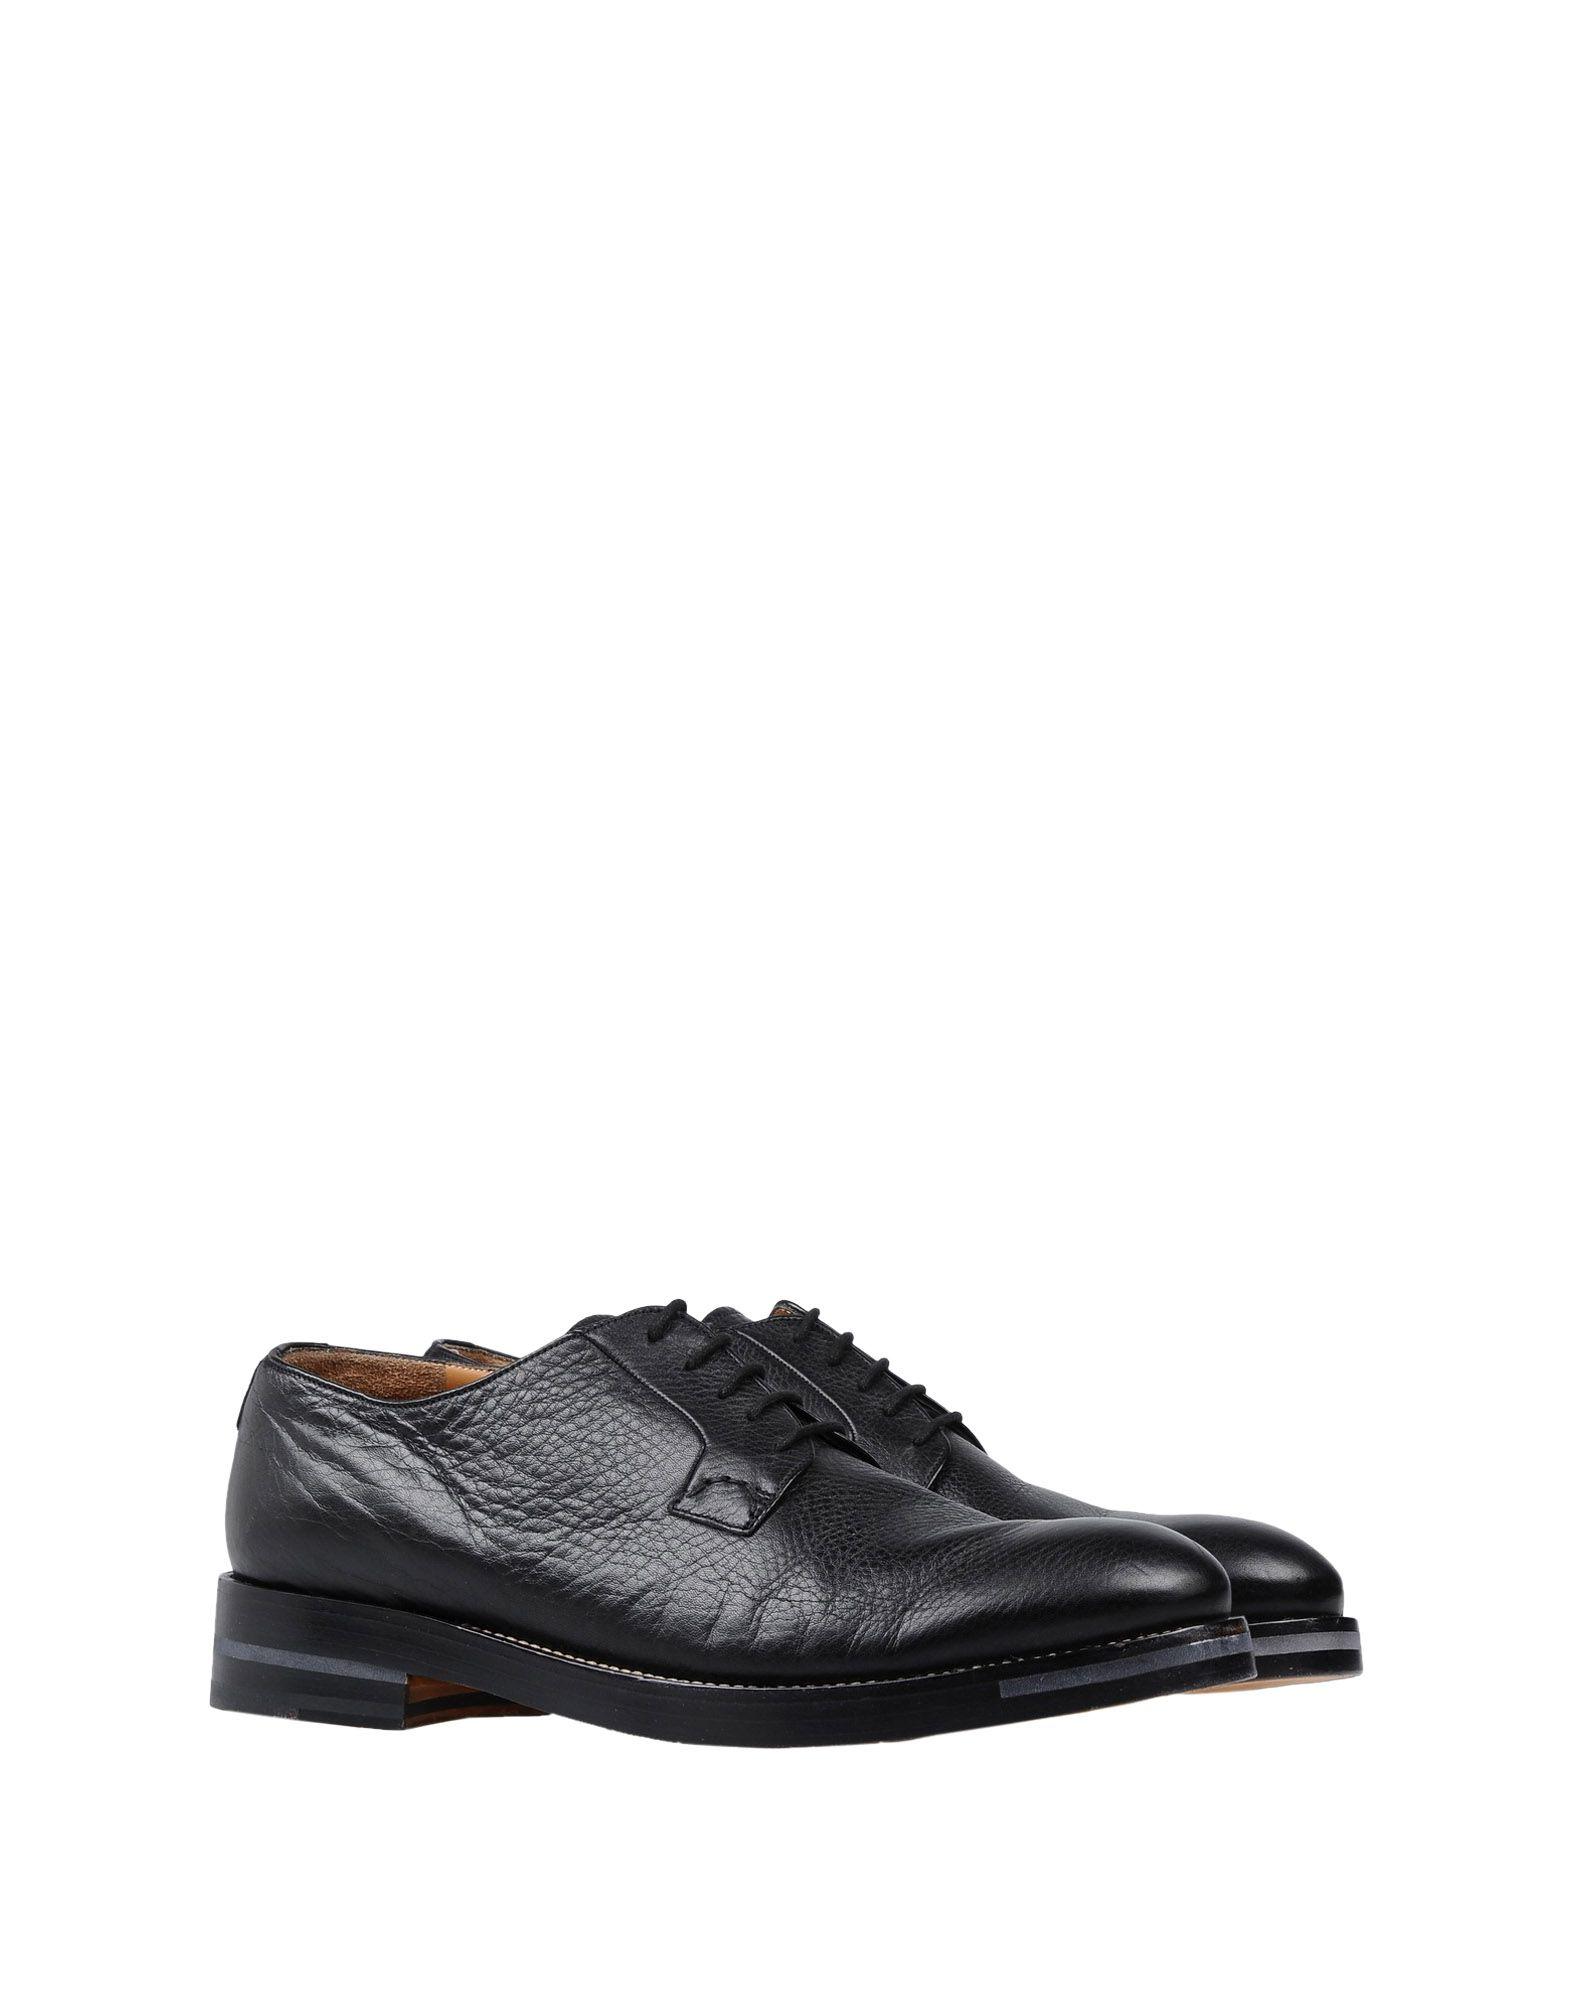 Valentino Garavani Schnürschuhe Herren  11501062AE Gute Qualität beliebte Schuhe